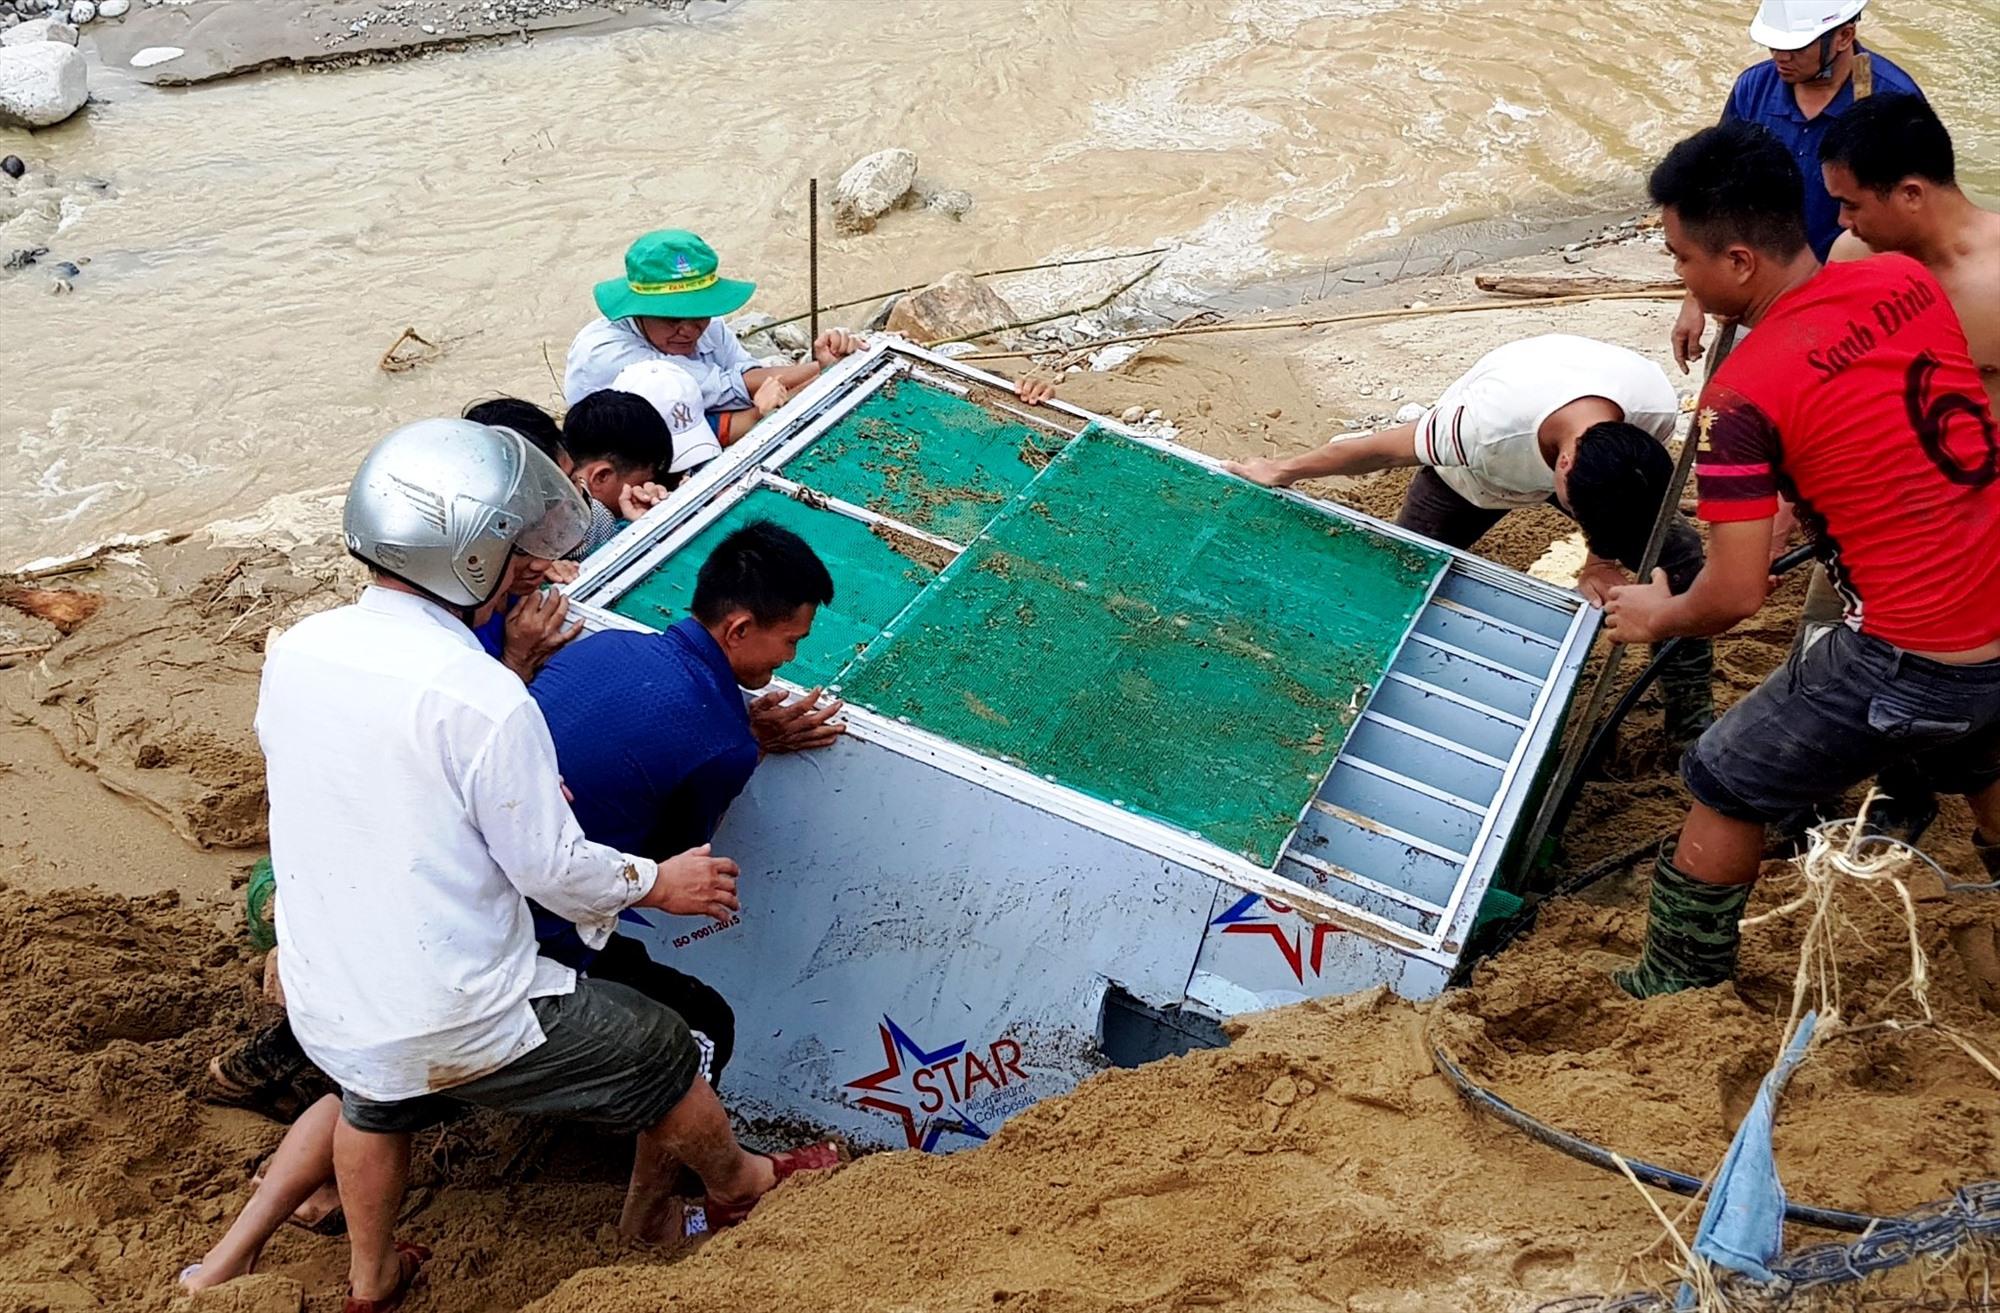 Nhiều ngày qua, các thầy giáo được phân công đi dọc bờ sông Leng để tìm lại những vật dụng của nhà trường đã bị lũ cuốn để mang về tận dụng trở lại. Ảnh: PHI YẾN